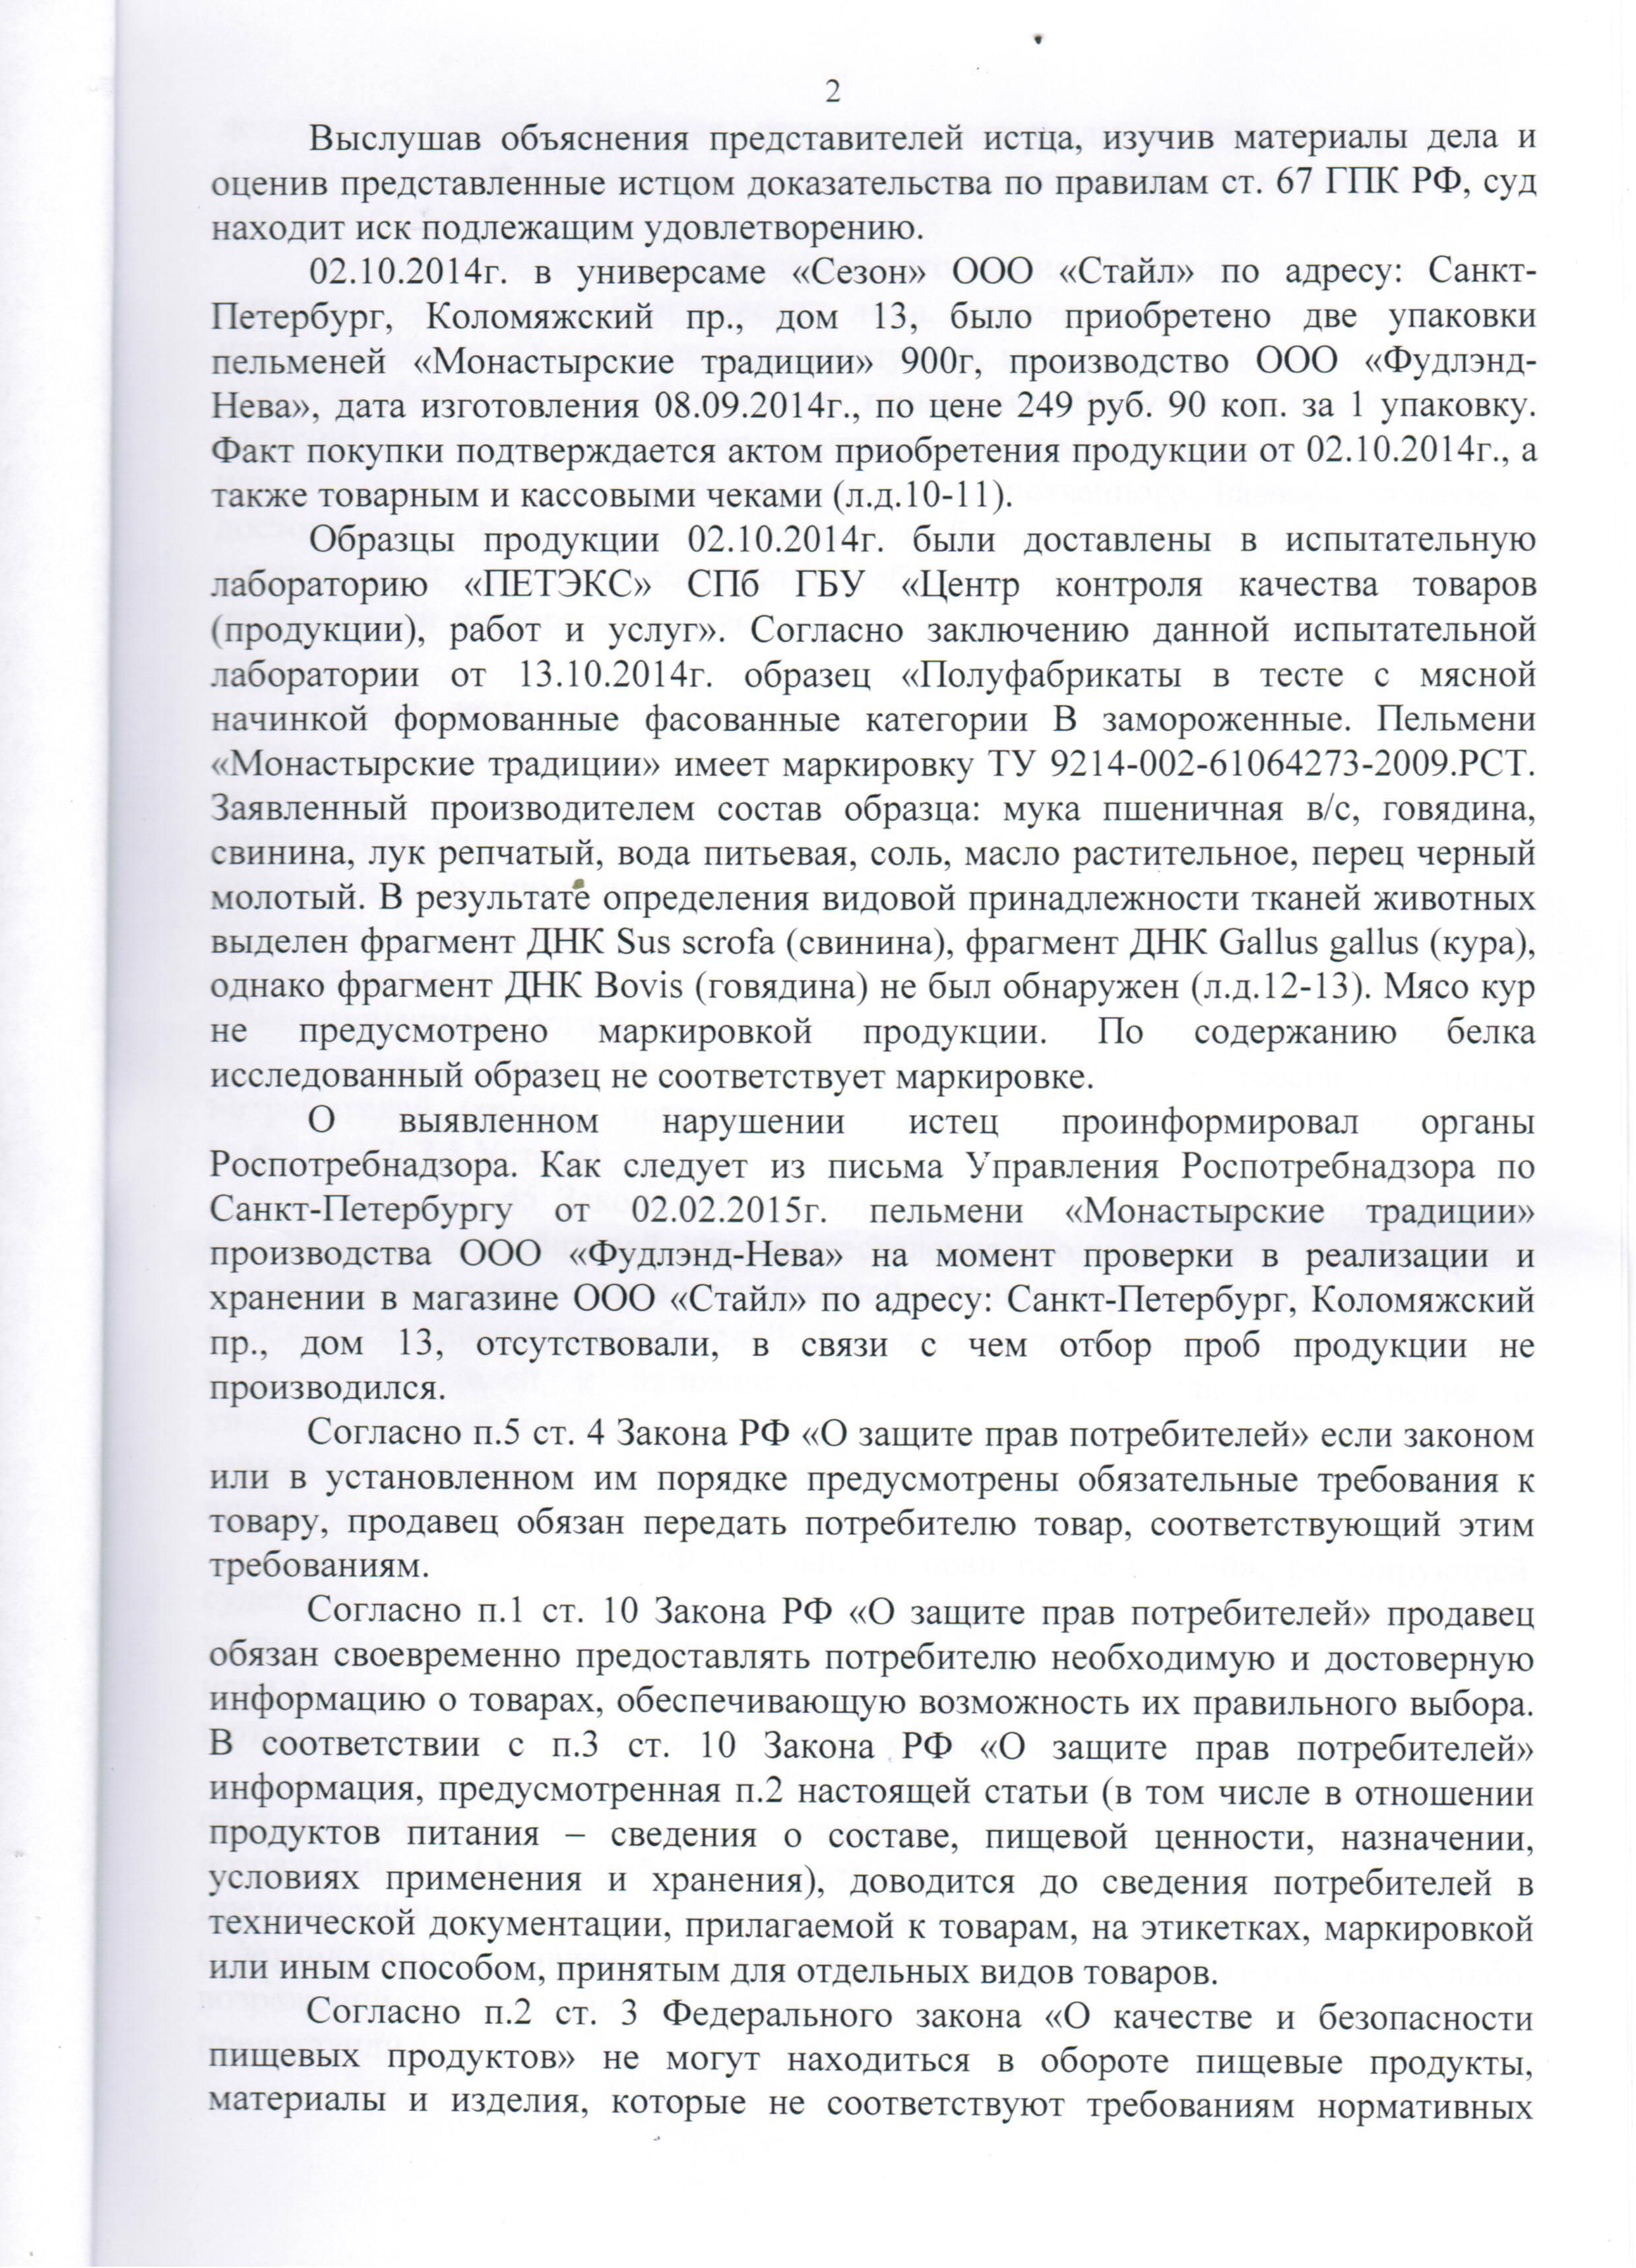 Решение от 23.04.2015 г. по иску СПБ ООП «Общественный контроль» к ООО «Фудлэнд-Нева» и ООО «Стайл»